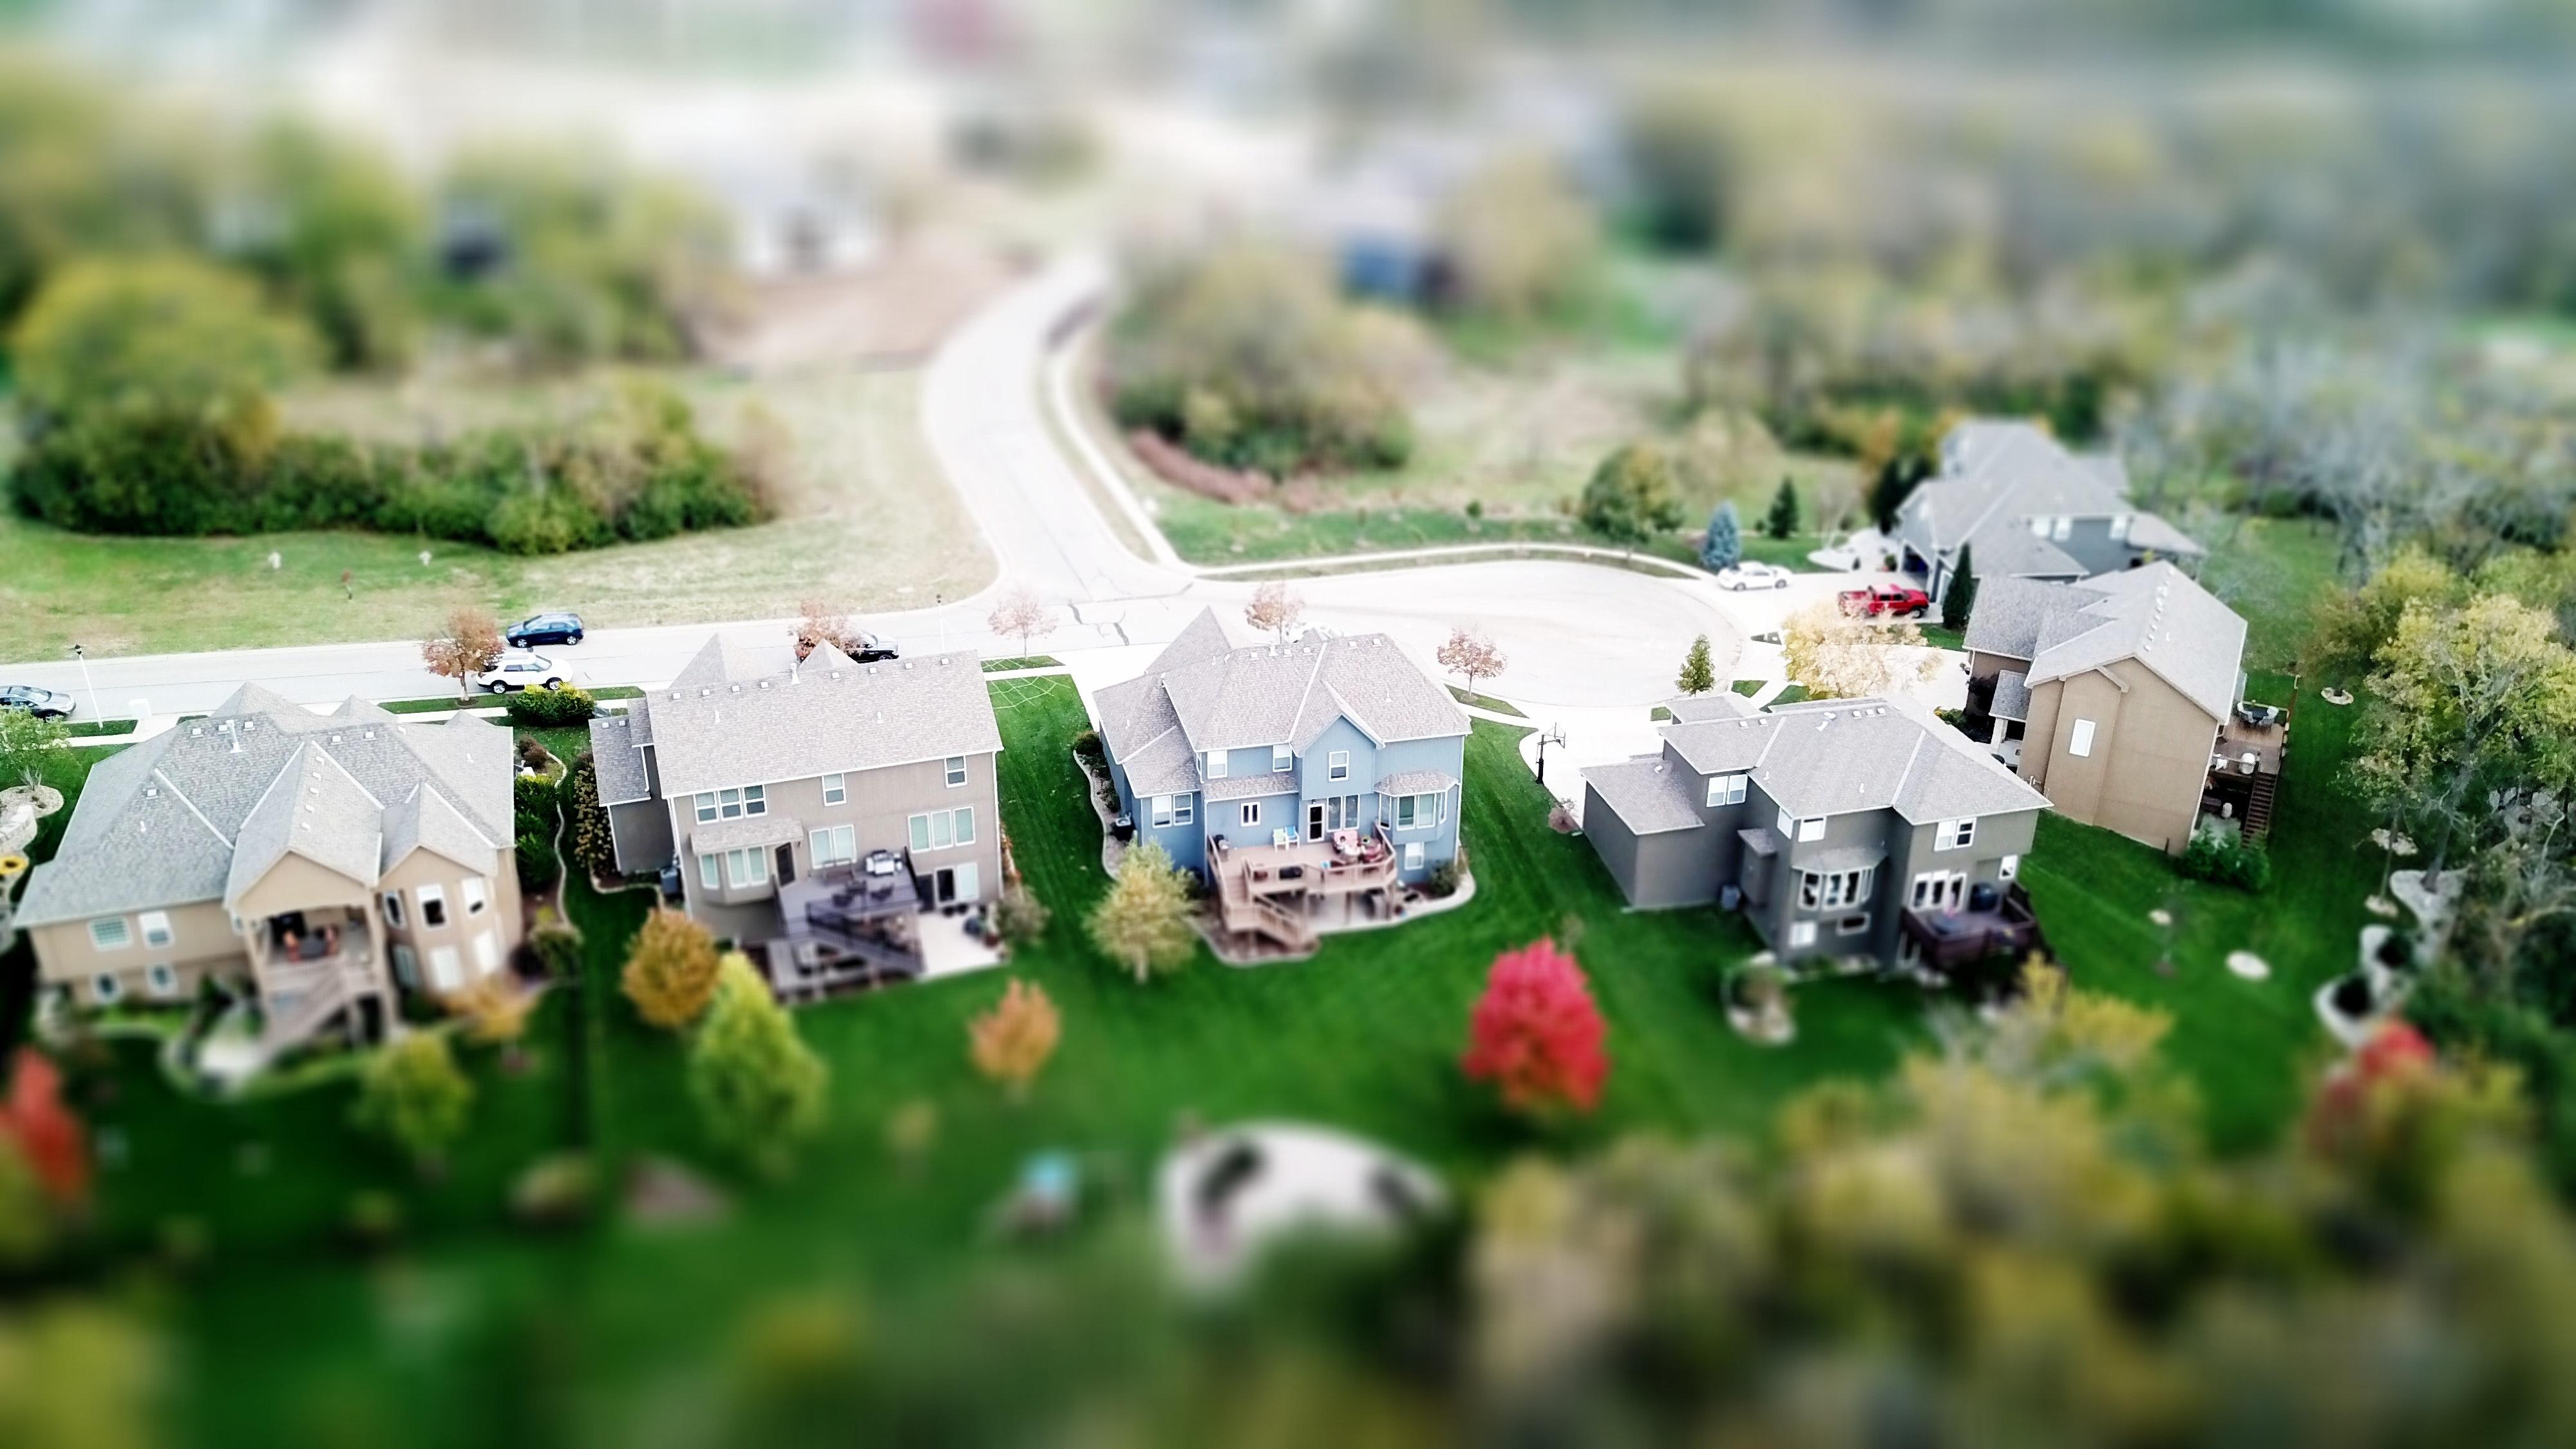 Miniature village photo